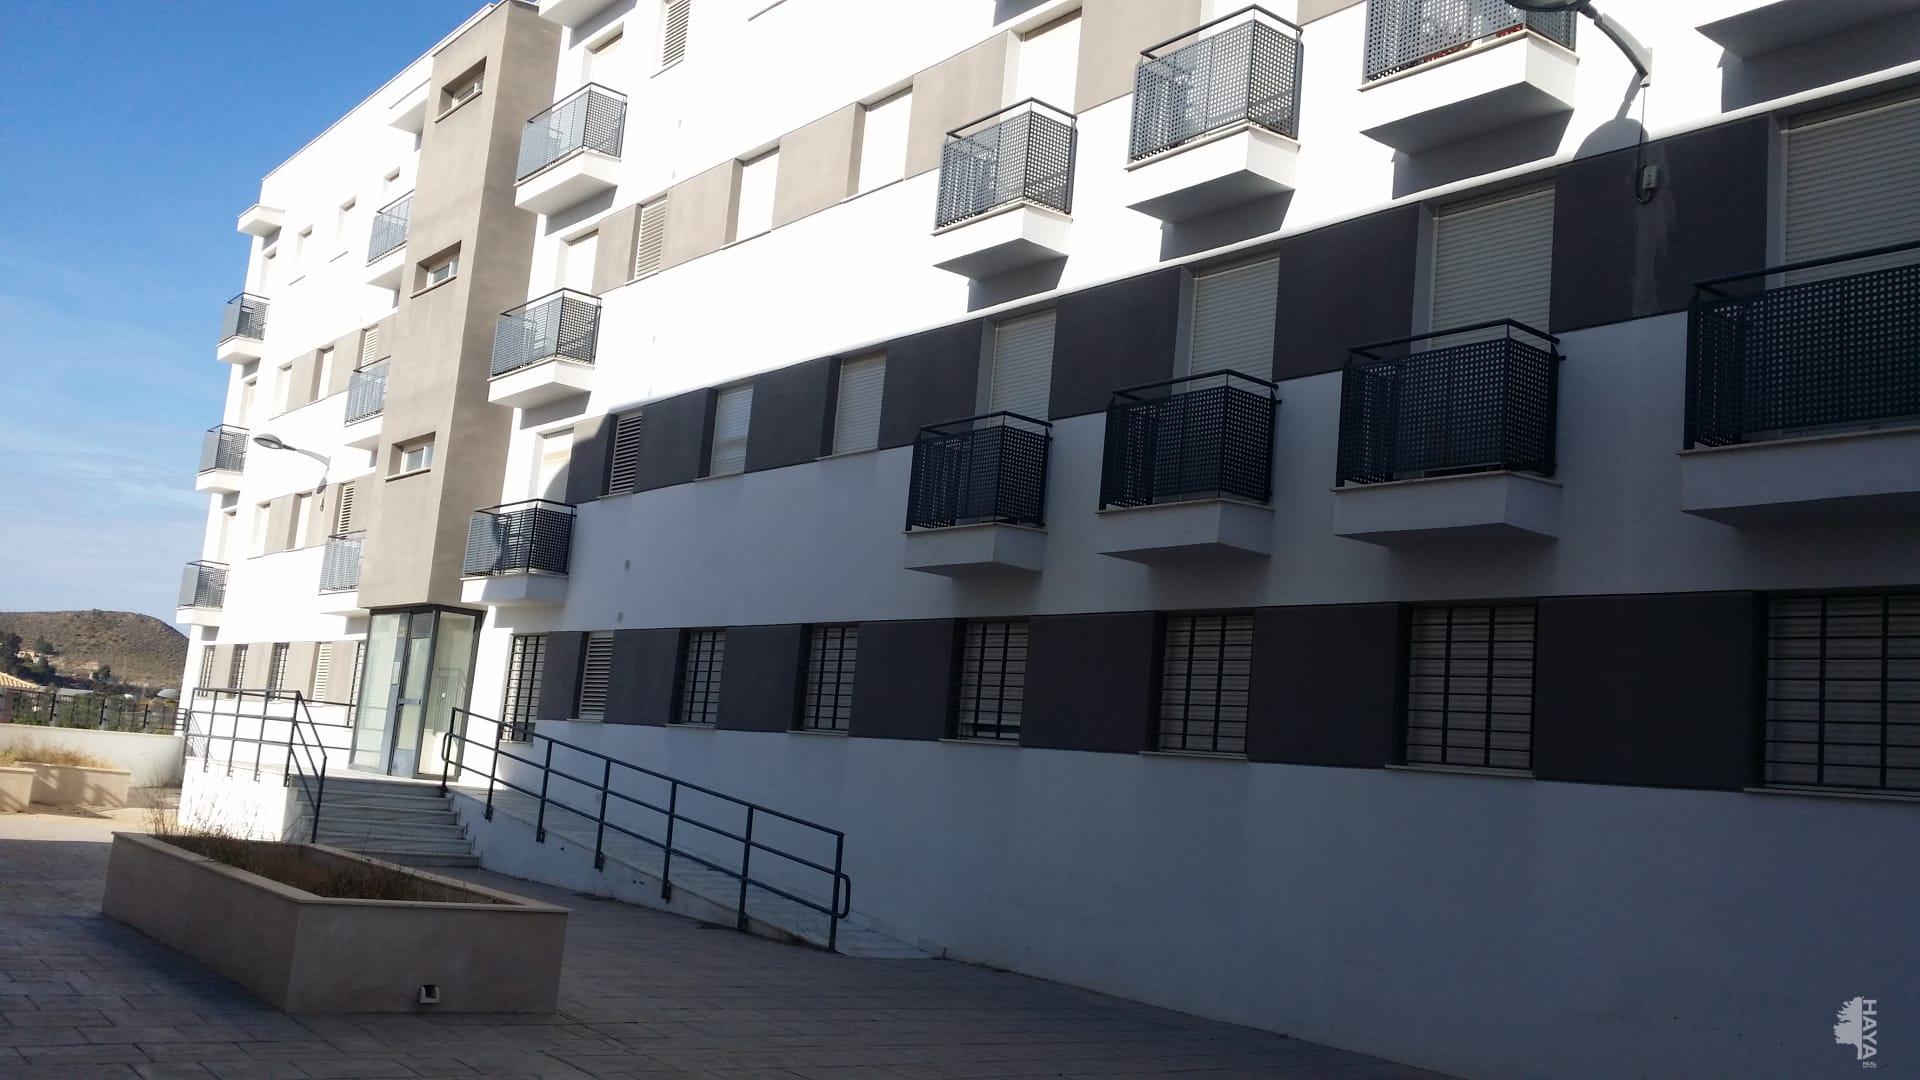 Piso en venta en Piso en Olula del Río, Almería, 60.300 €, 3 habitaciones, 1 baño, 94 m2